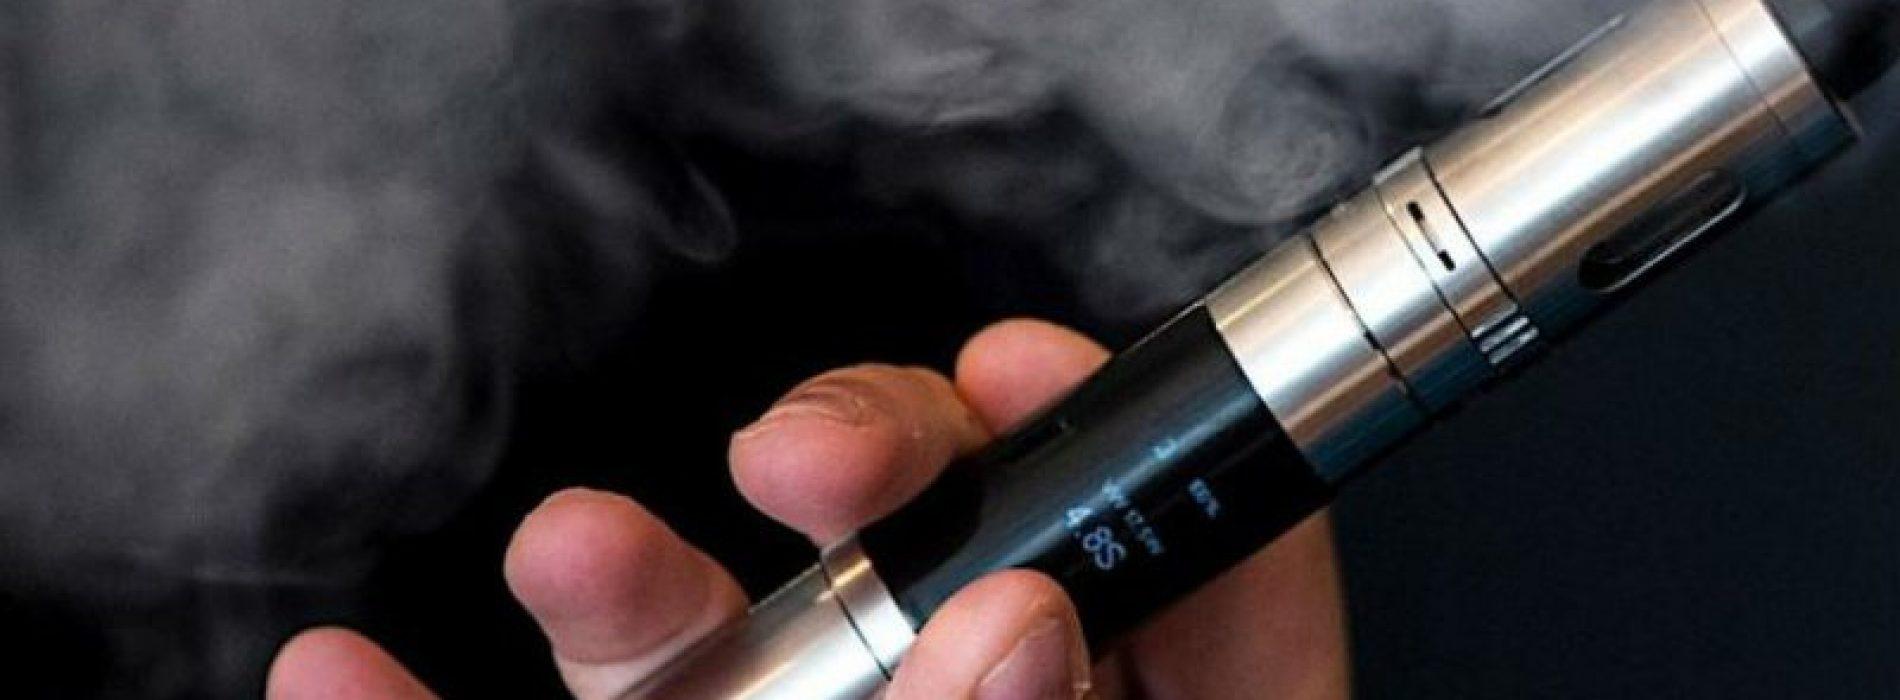 E-sigaret veroorzaakt longkanker bij muizen